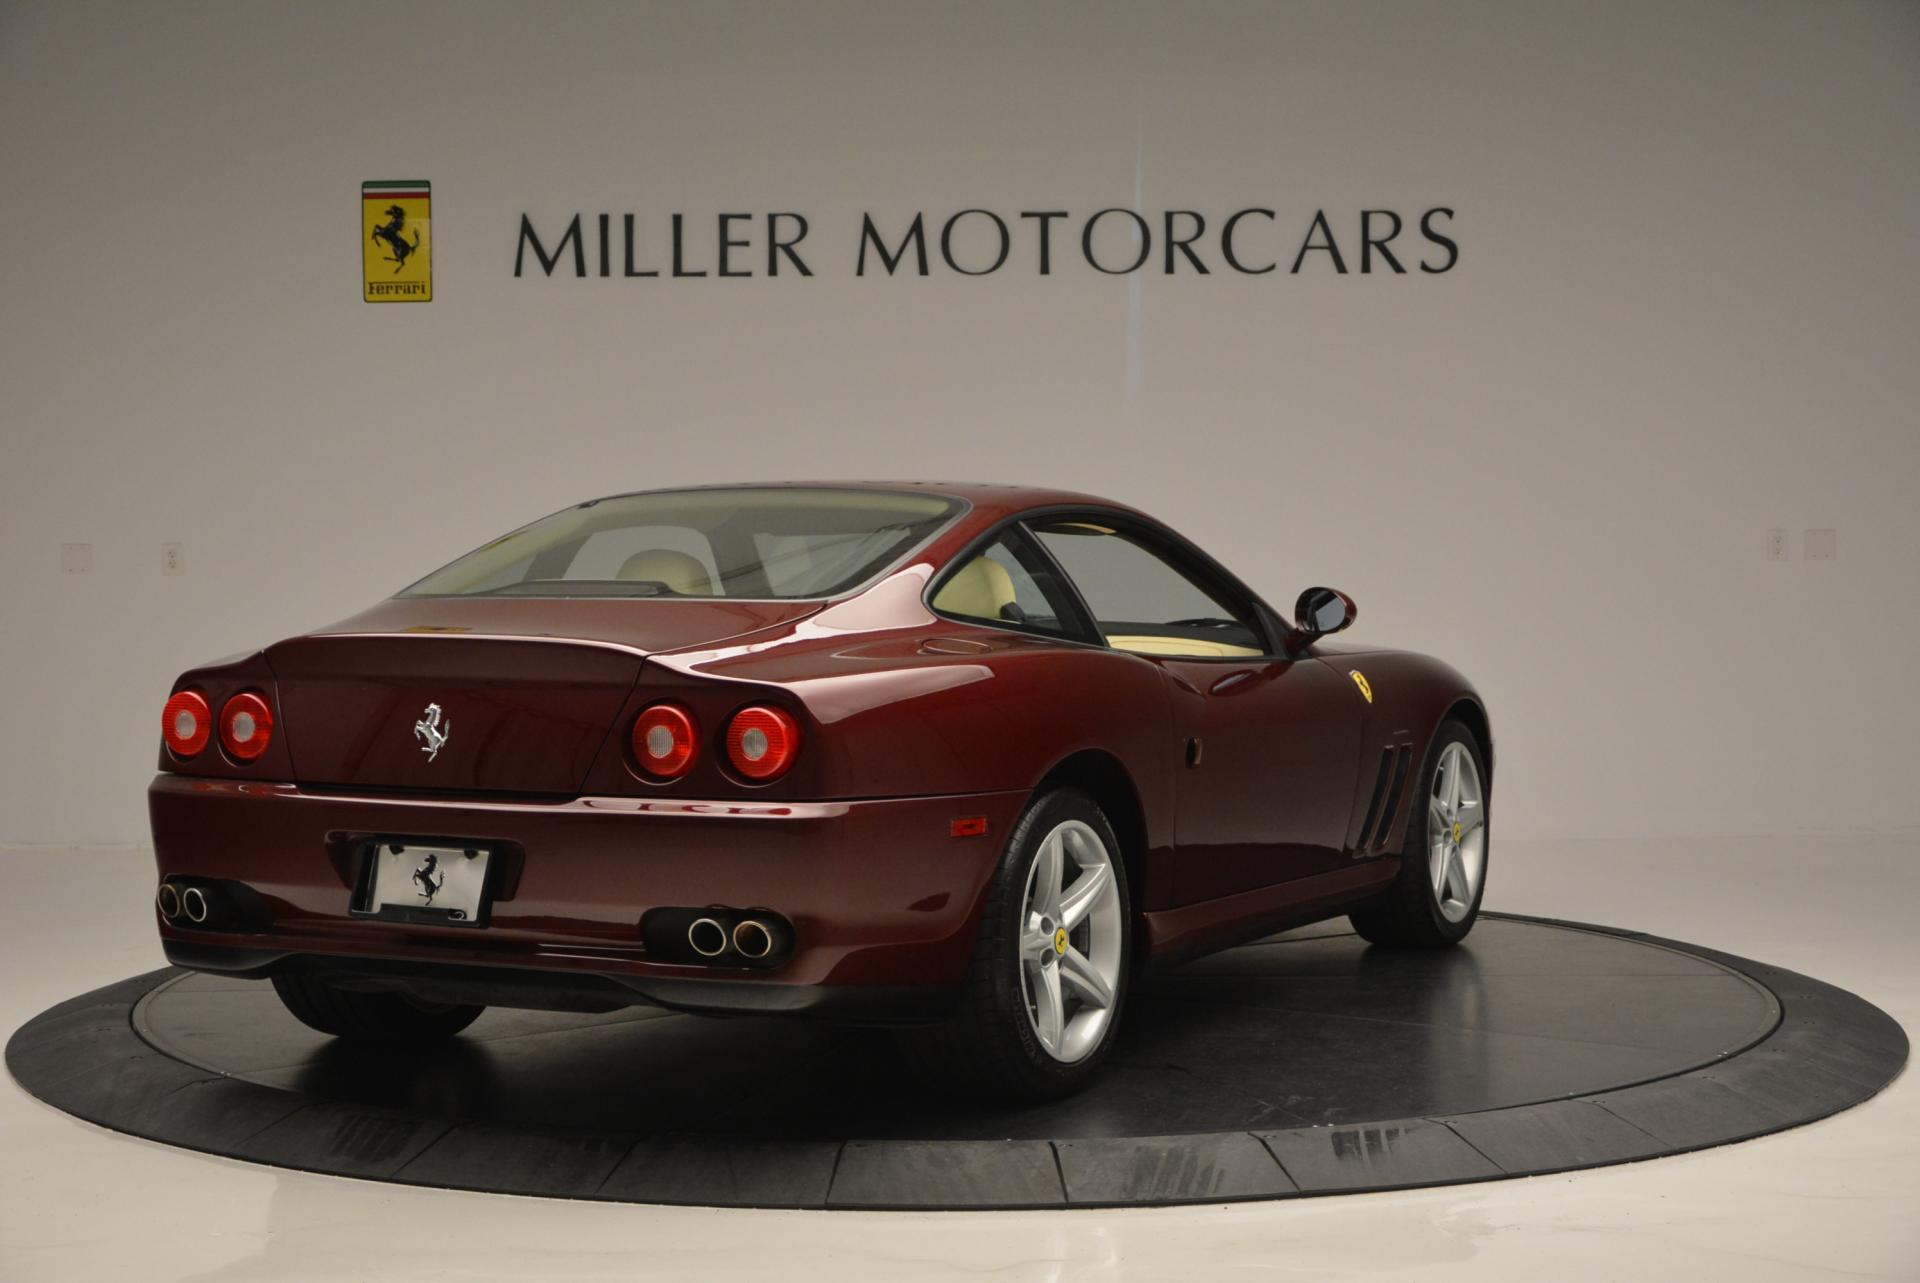 Used 2003 Ferrari 575M Maranello 6-Speed Manual For Sale In Greenwich, CT 143_p7